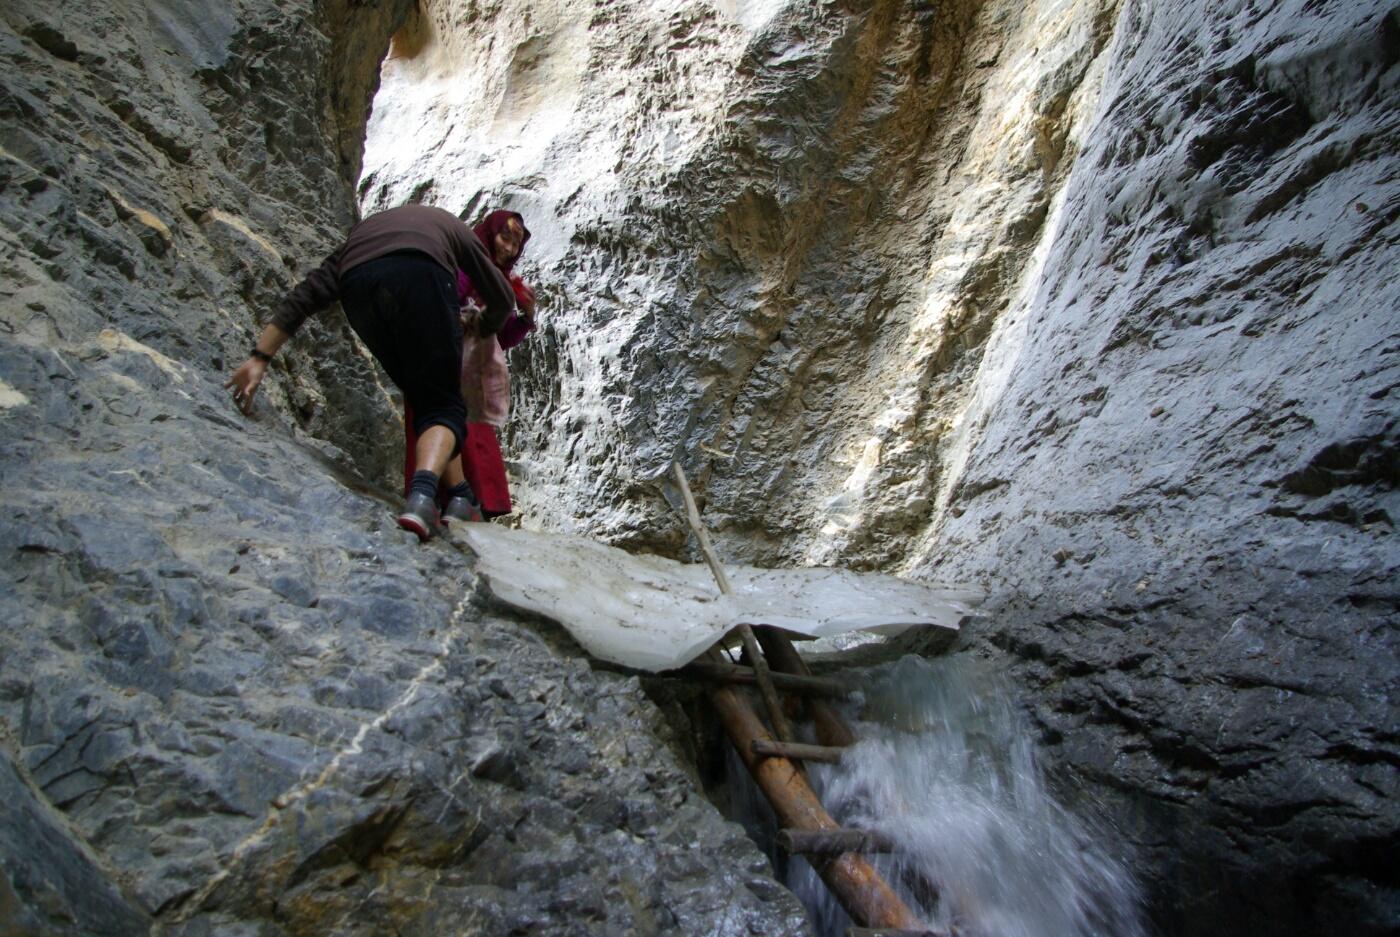 Phokar, Padmasambhava: ...oder die Hilfe von Leitern ist nötig